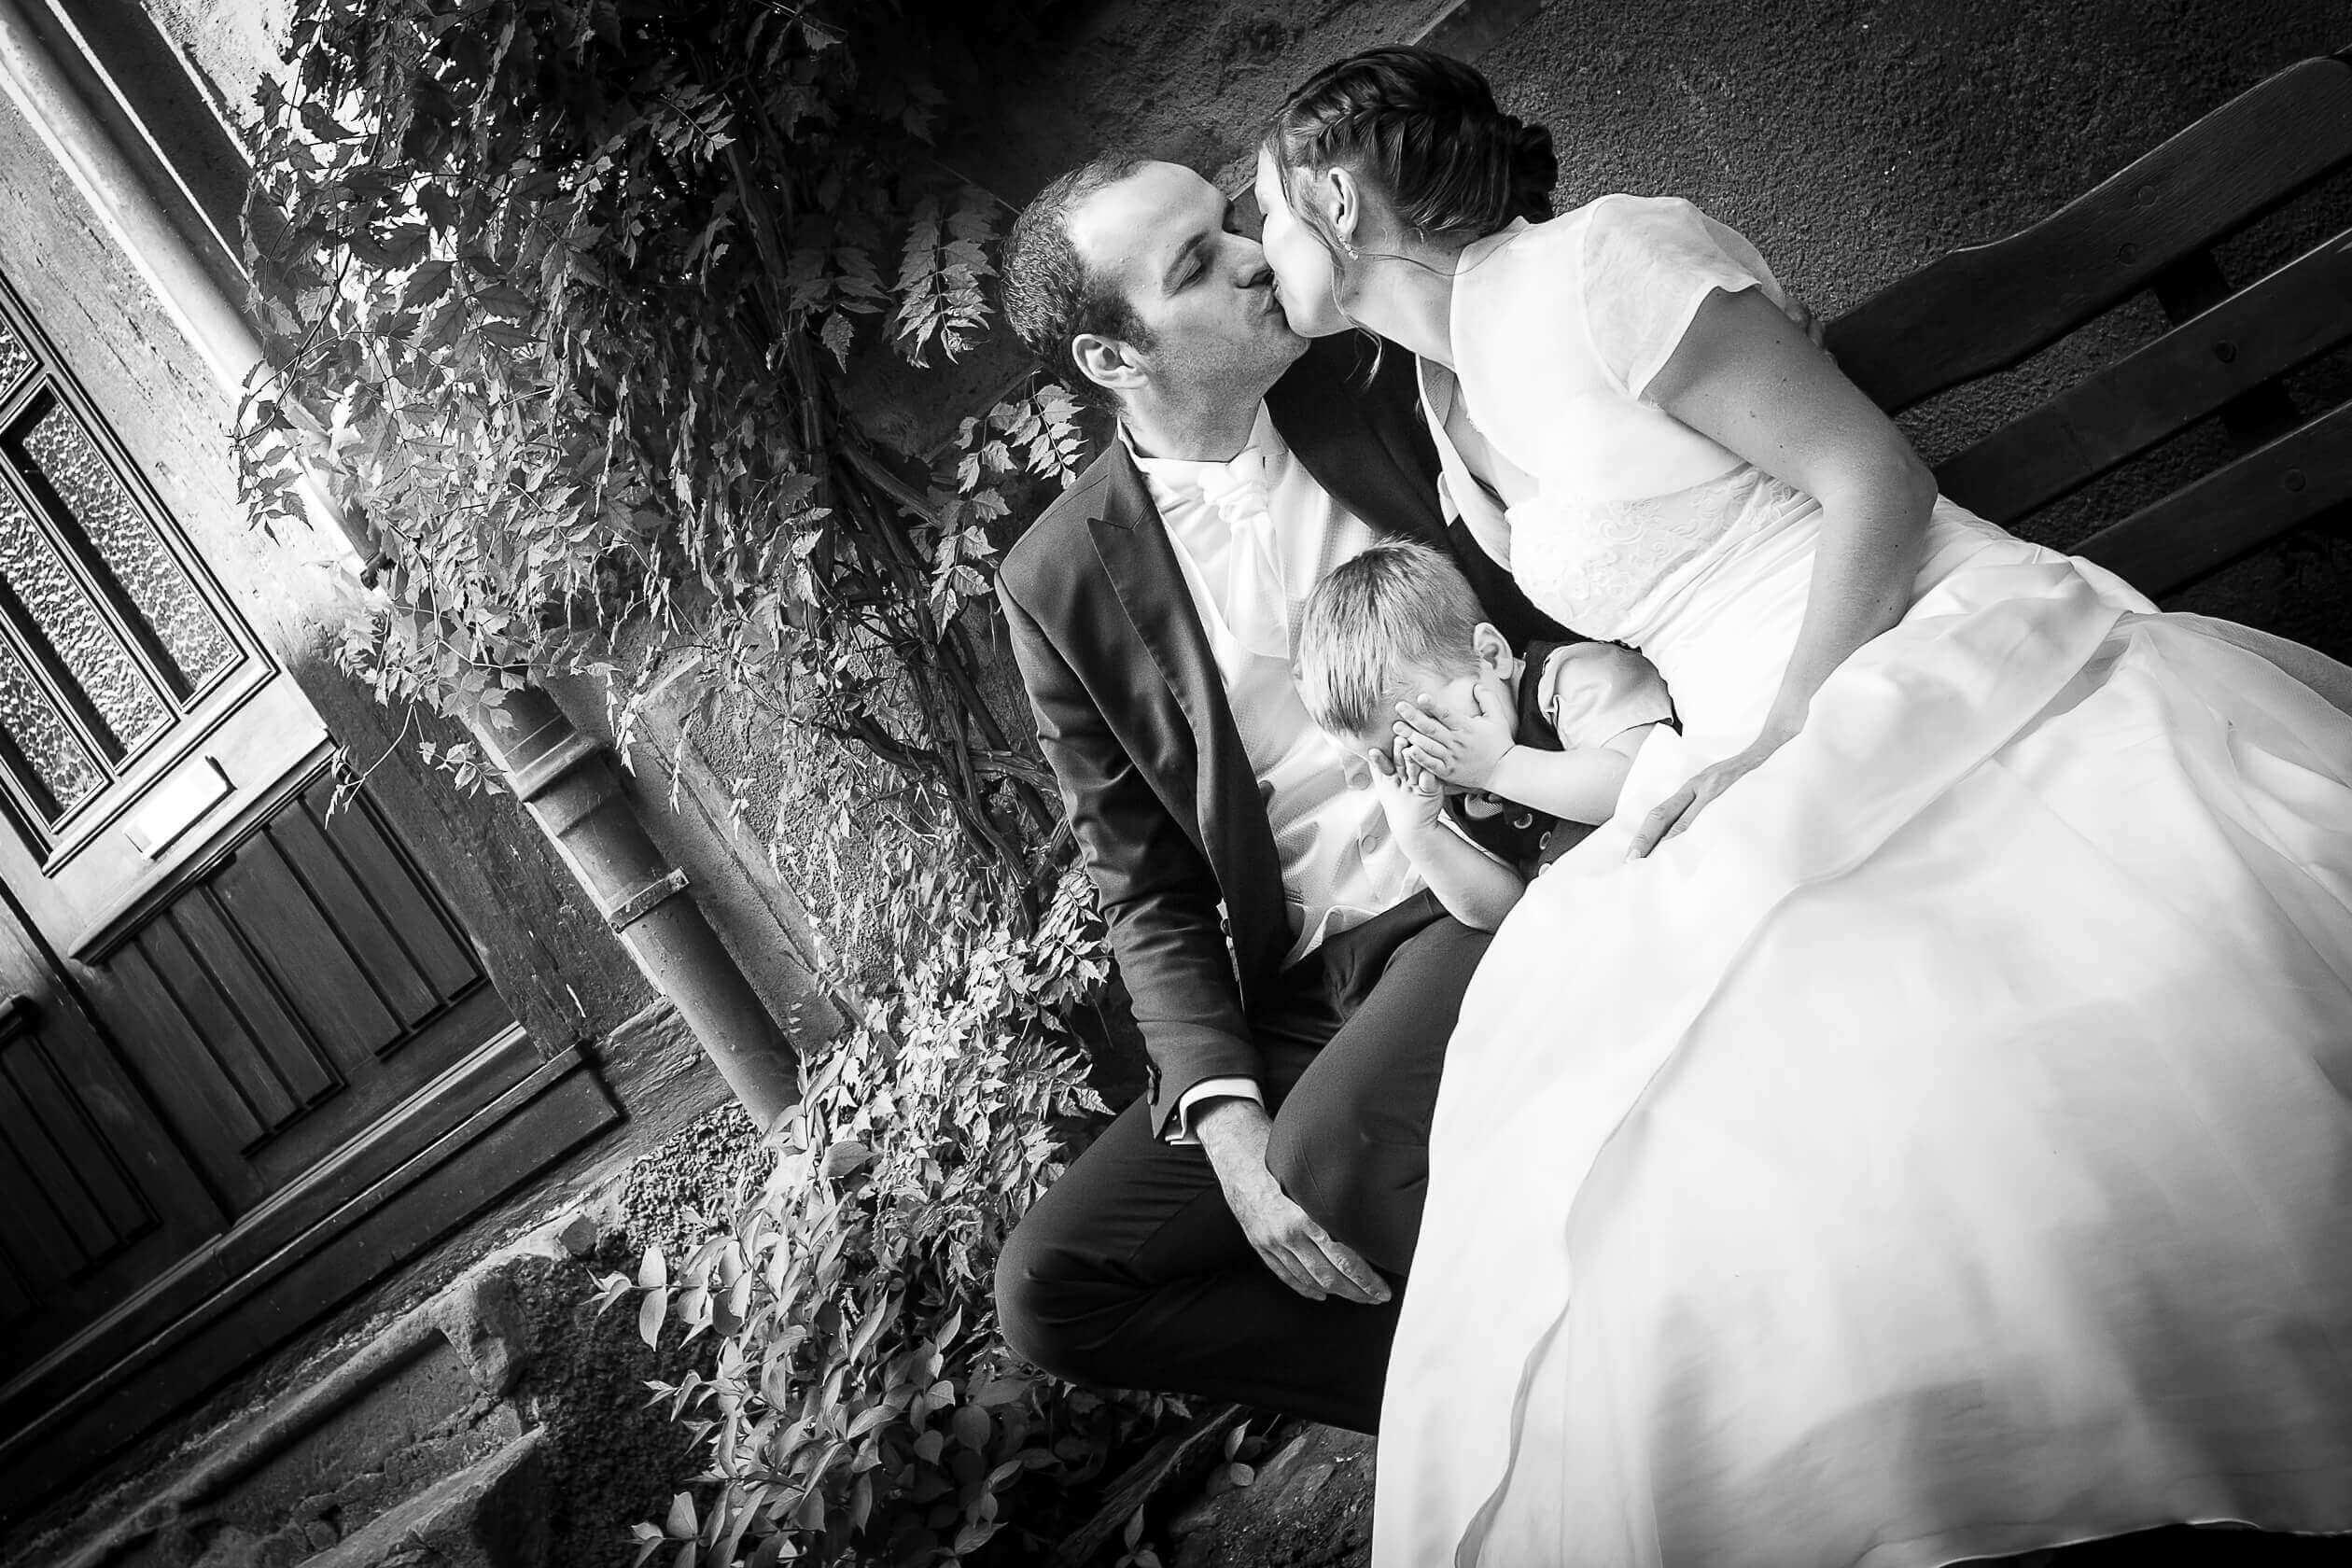 séance photo de mariage à Eguisheim en Alsace